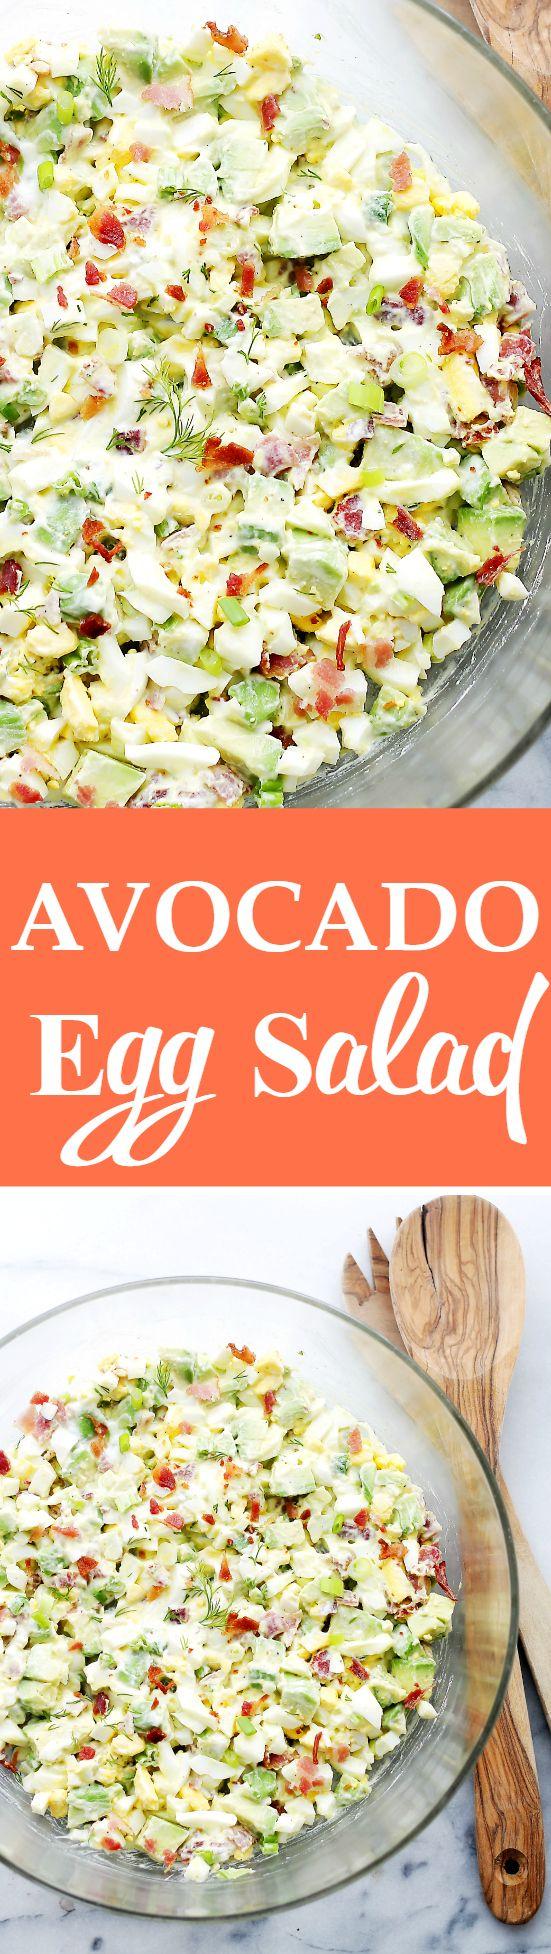 Avocado Egg Salad Recipe Avocado Egg Salad Avocado Egg And Egg Salad